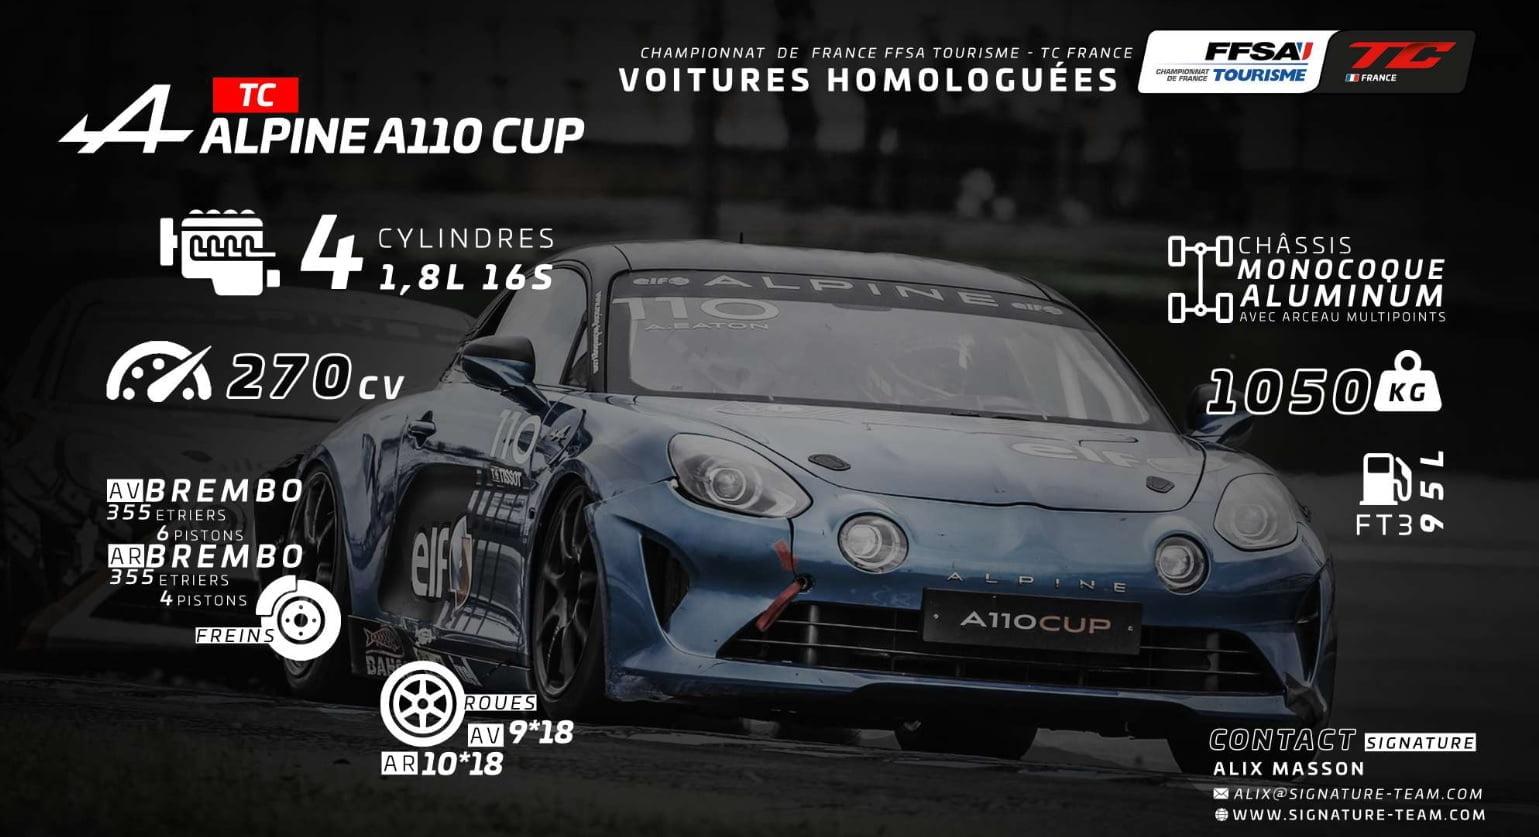 Alpine A110 CUP / Championnat de France FFSA Tourisme